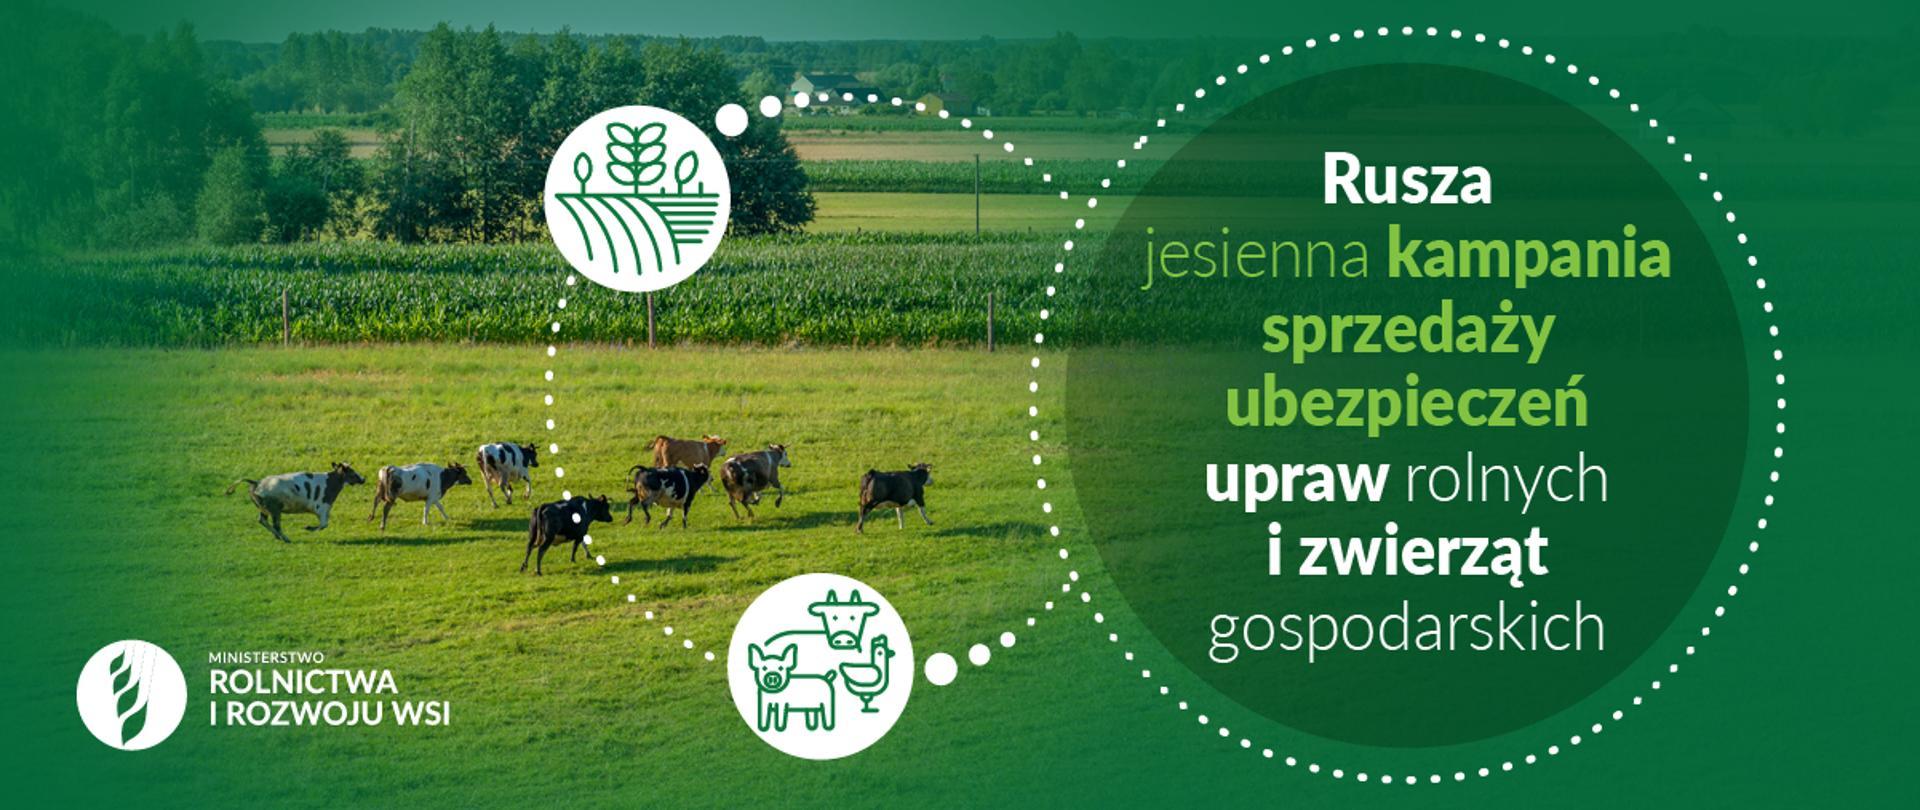 Zdjęcie do artykułu Rusza jesienna kampania sprzedaży ubezpieczeń rolnych